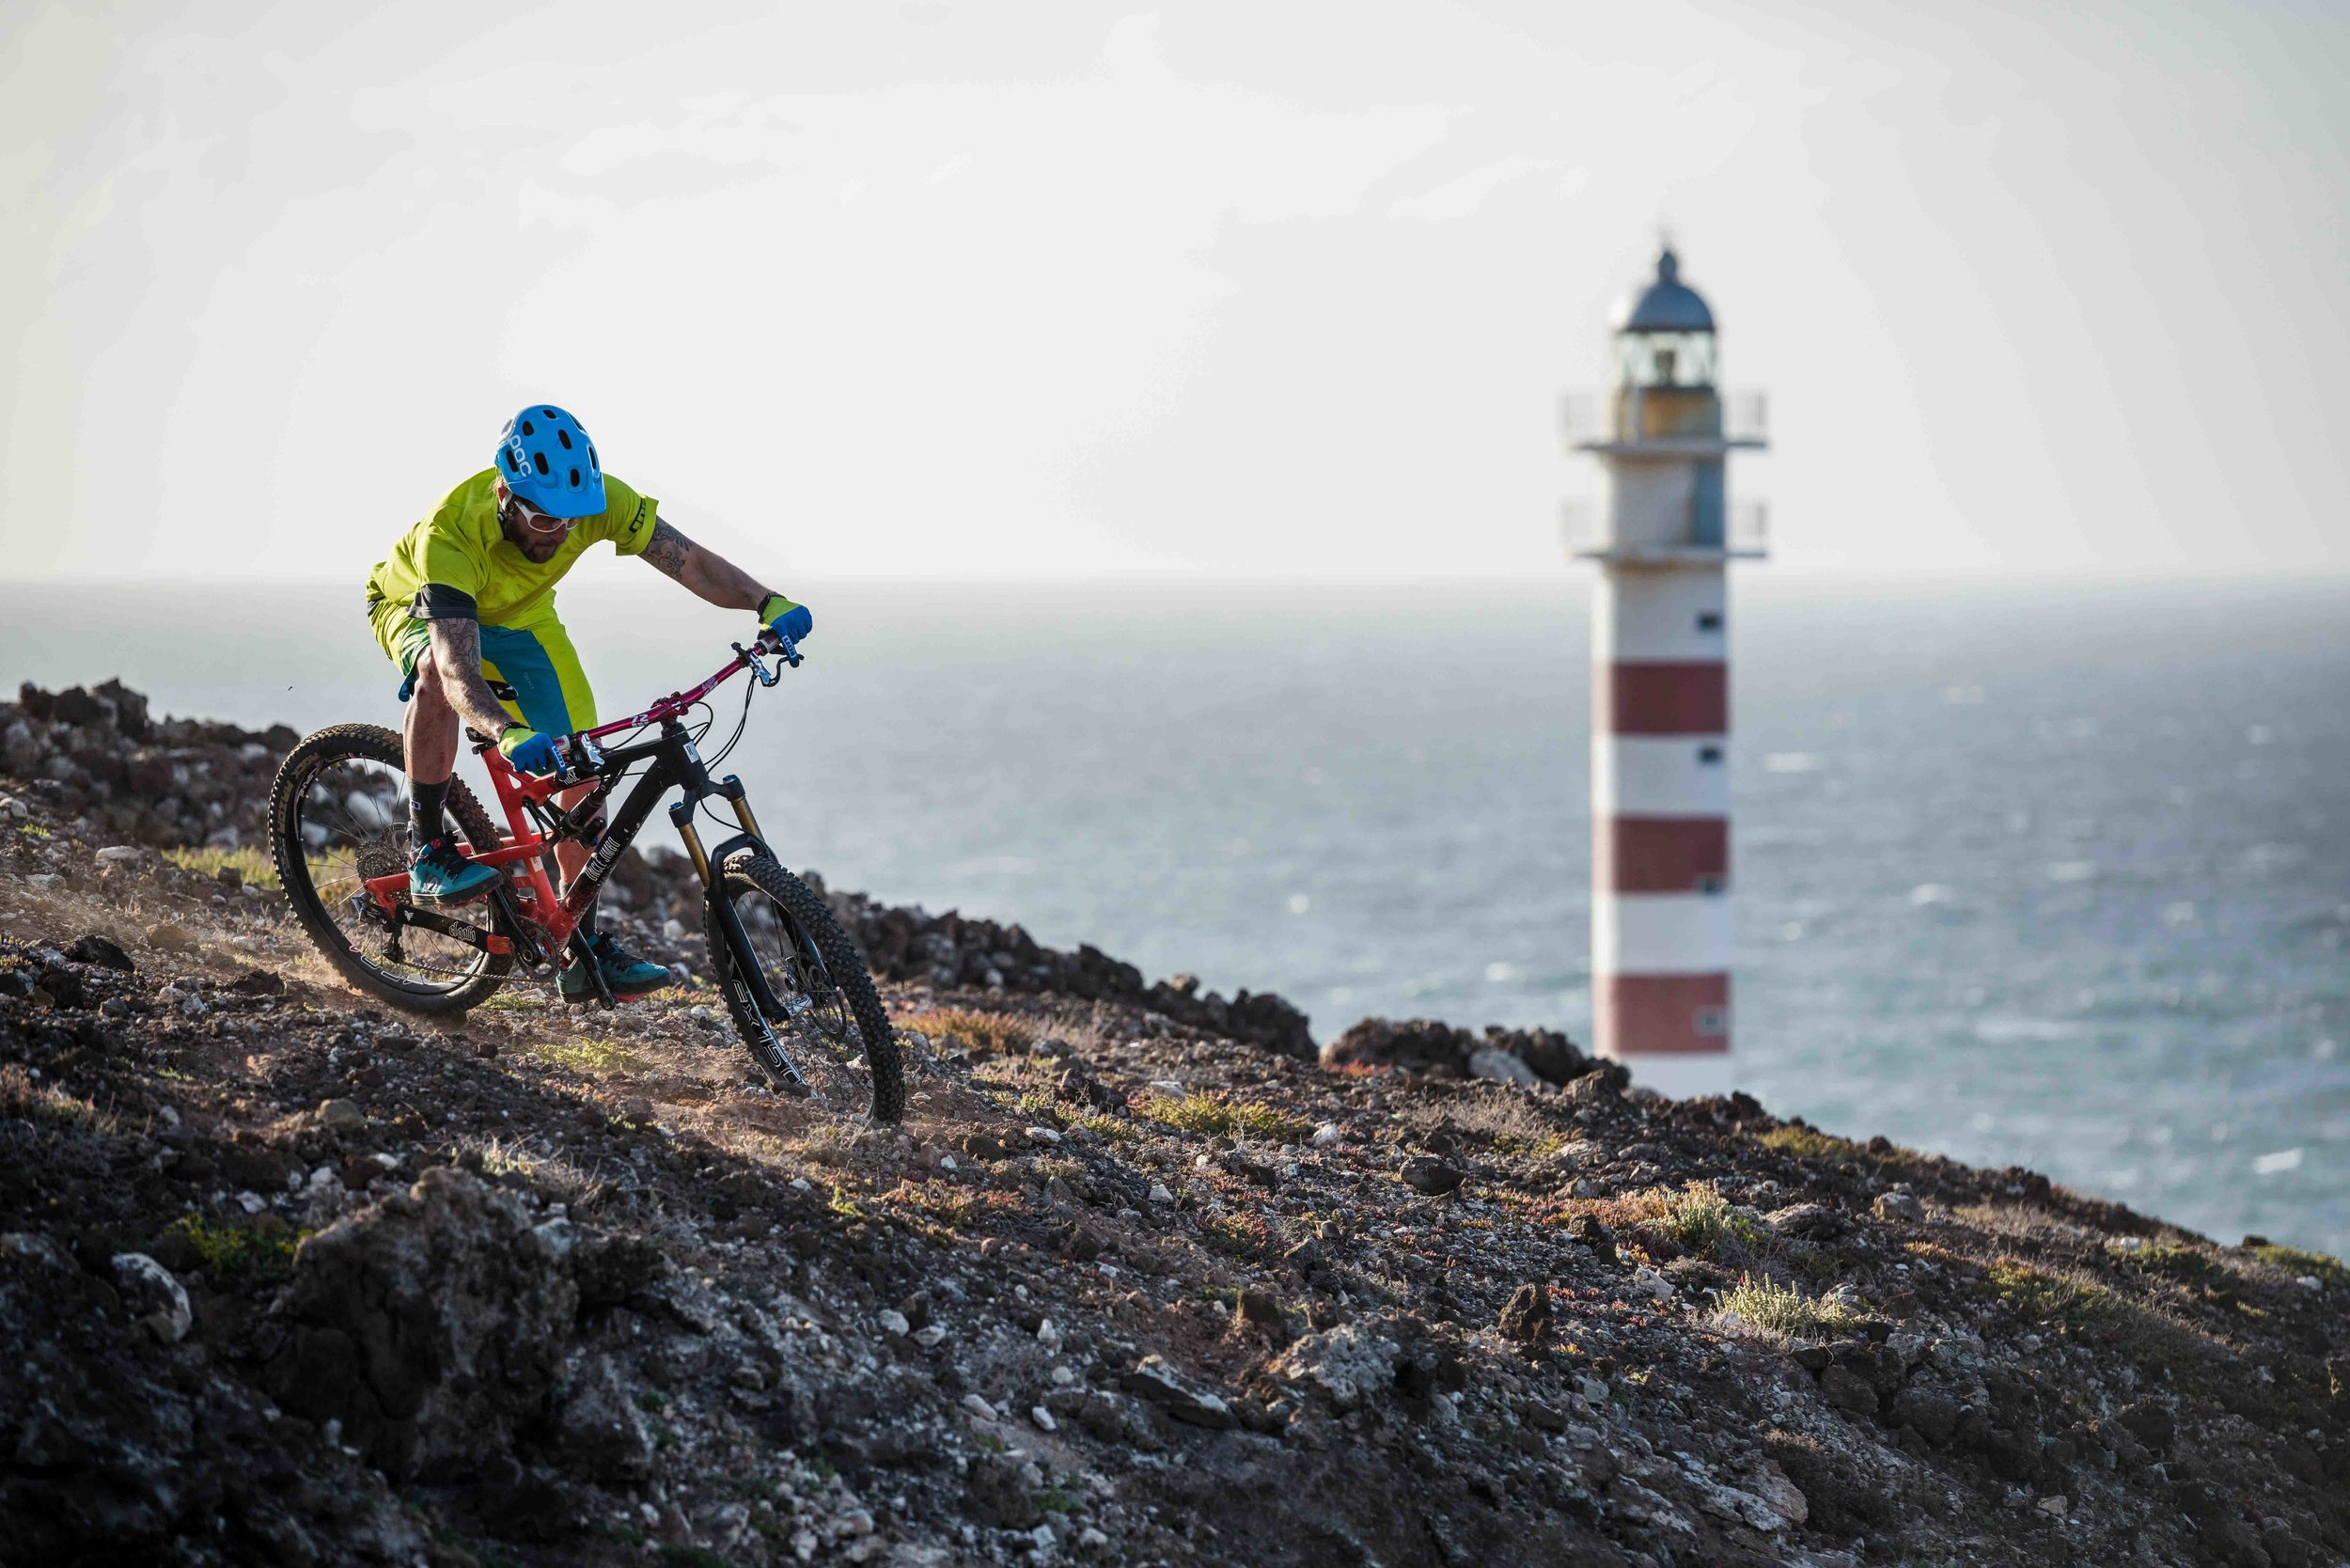 Sonne, Meer und Mountainbikes  © ISMAEL IBAÑEZ